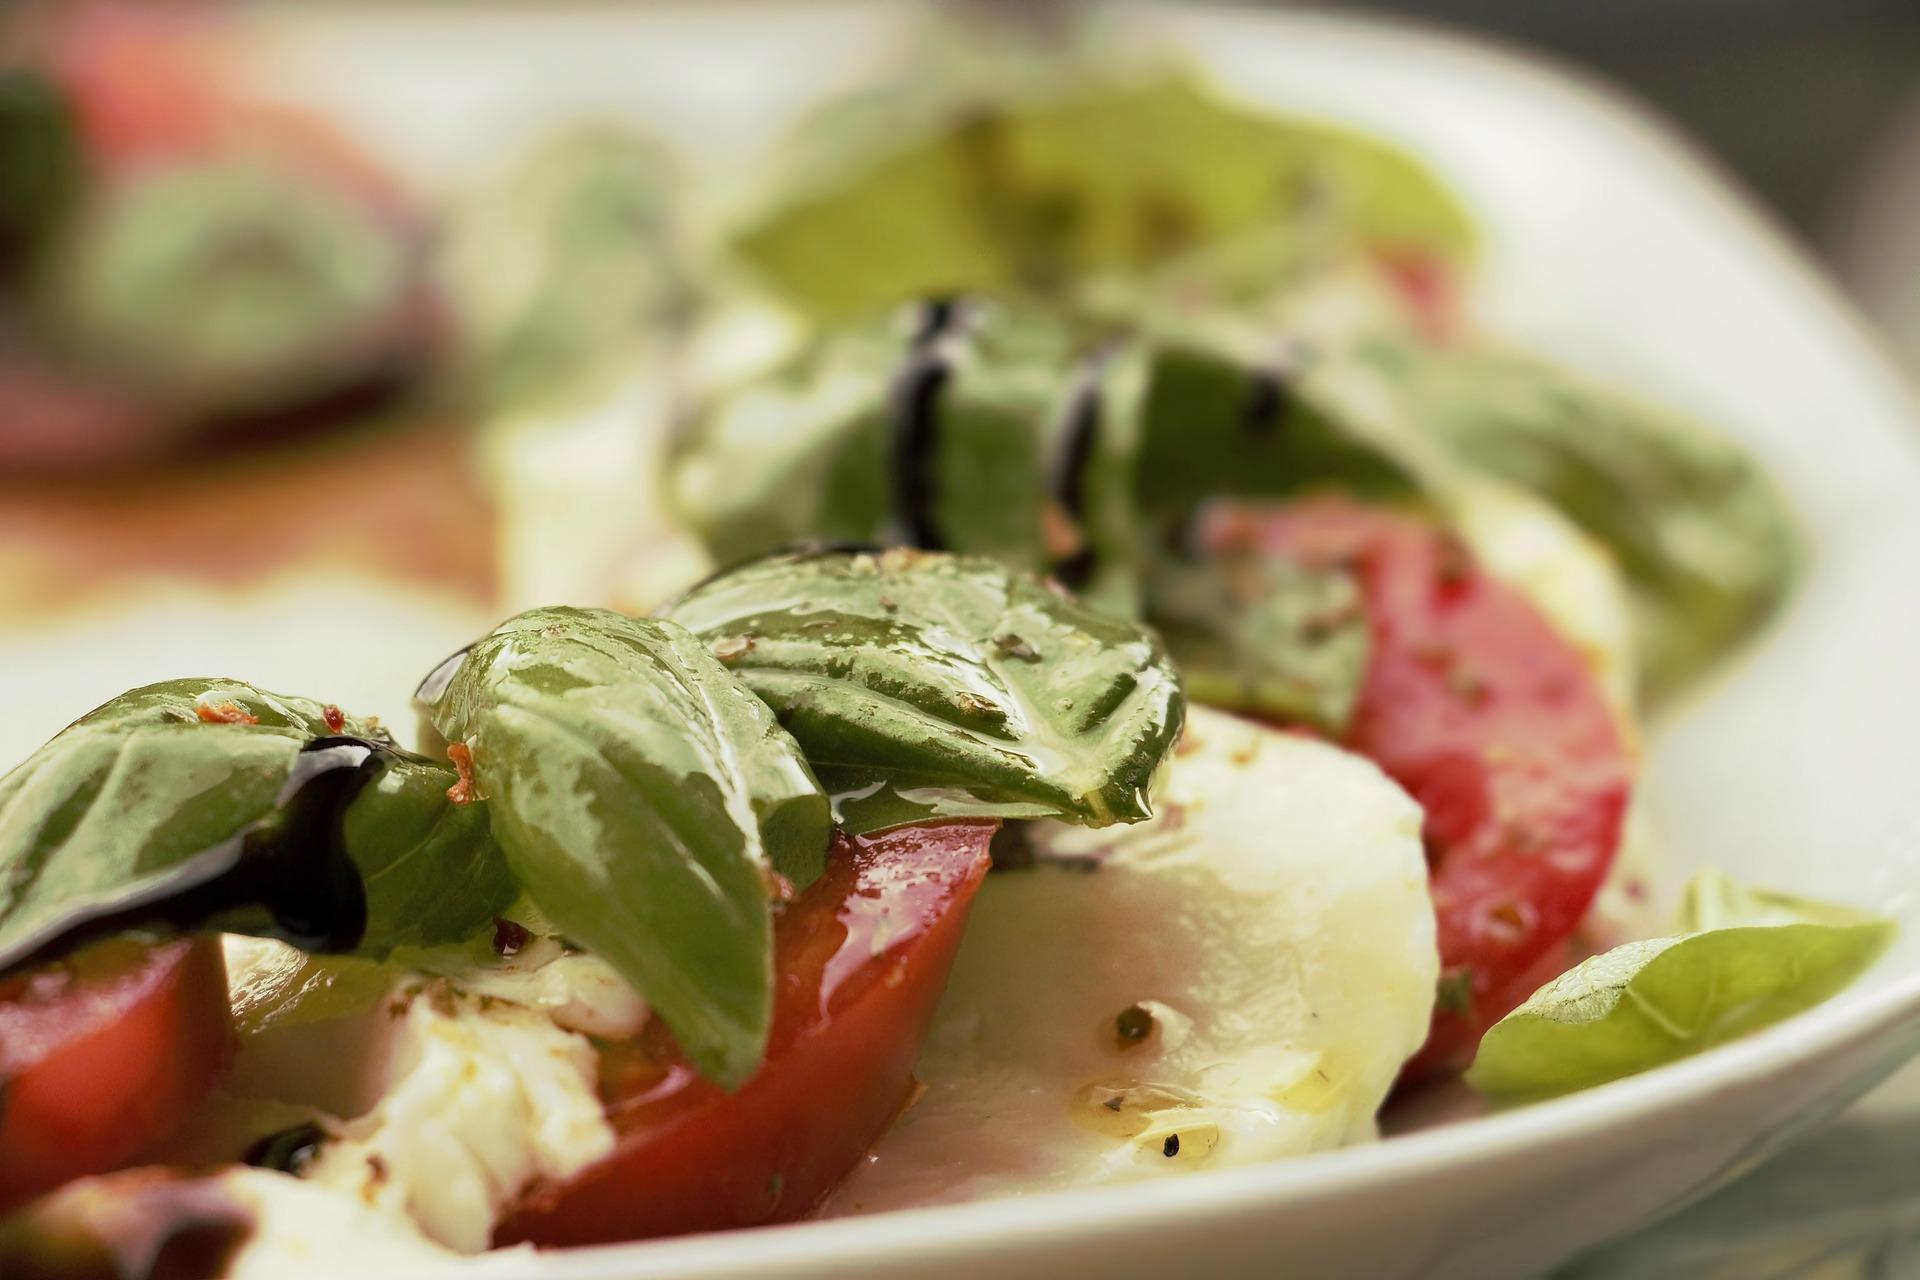 地中海式ダイエット:具体的にはどんな食事法?